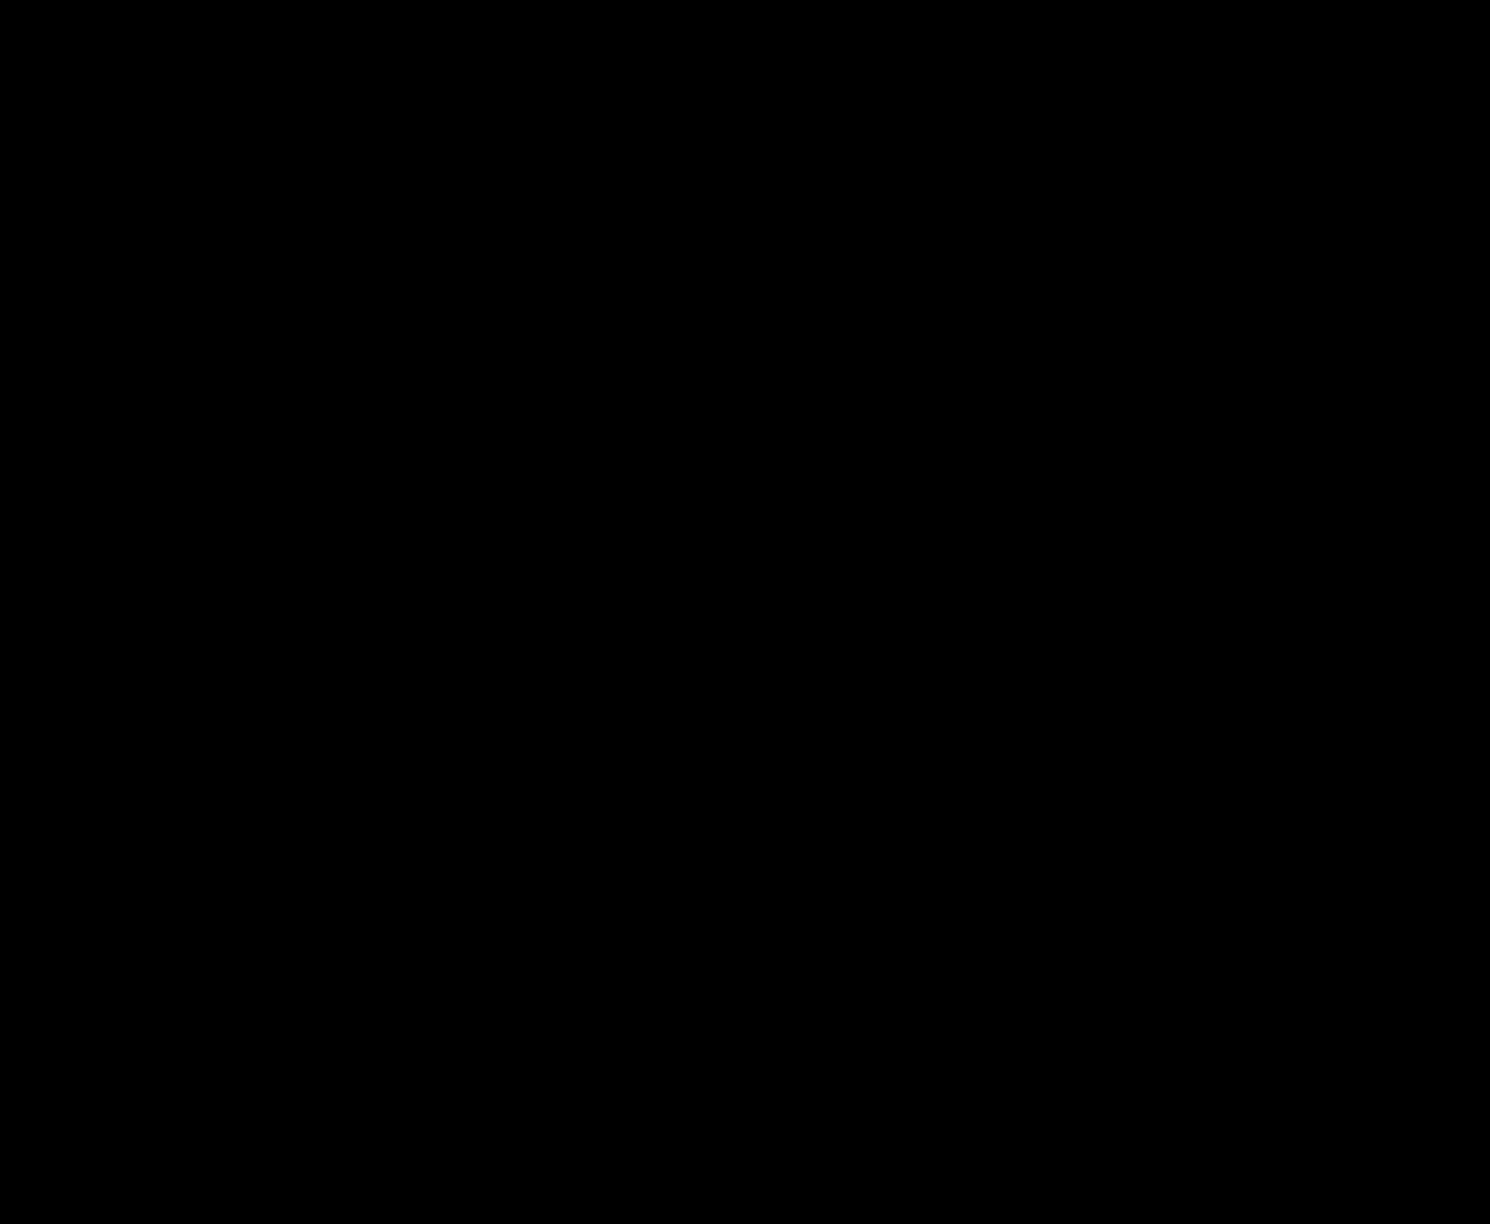 BQ-123-[<sup>13</sup>C<sub>6</sub>,<sup>15</sup>N]